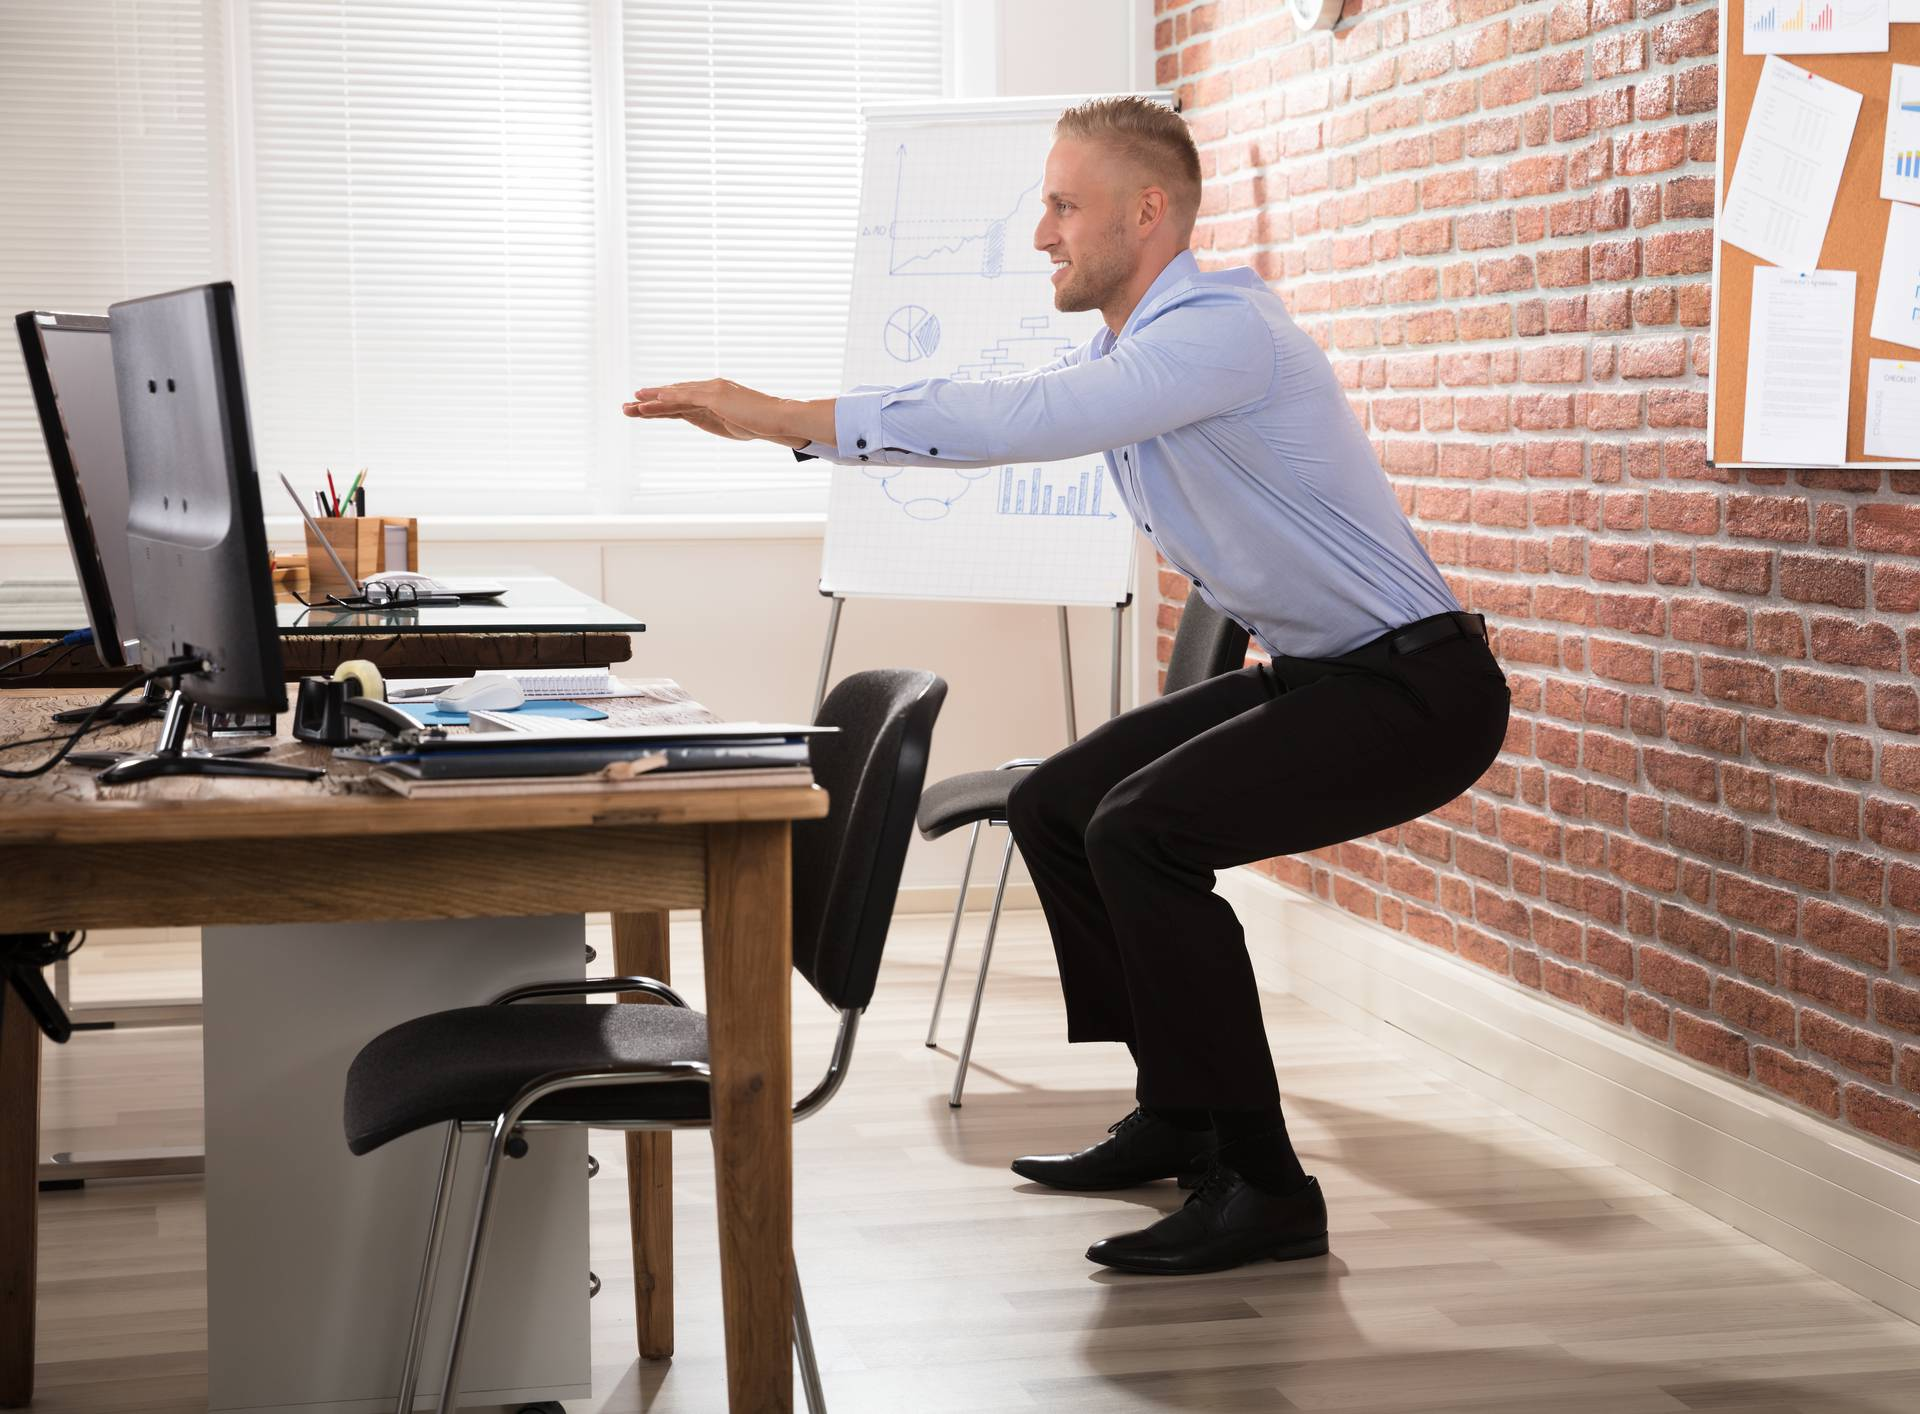 Važno se razgibati: Donosimo četiri vježbe za svaki tip posla